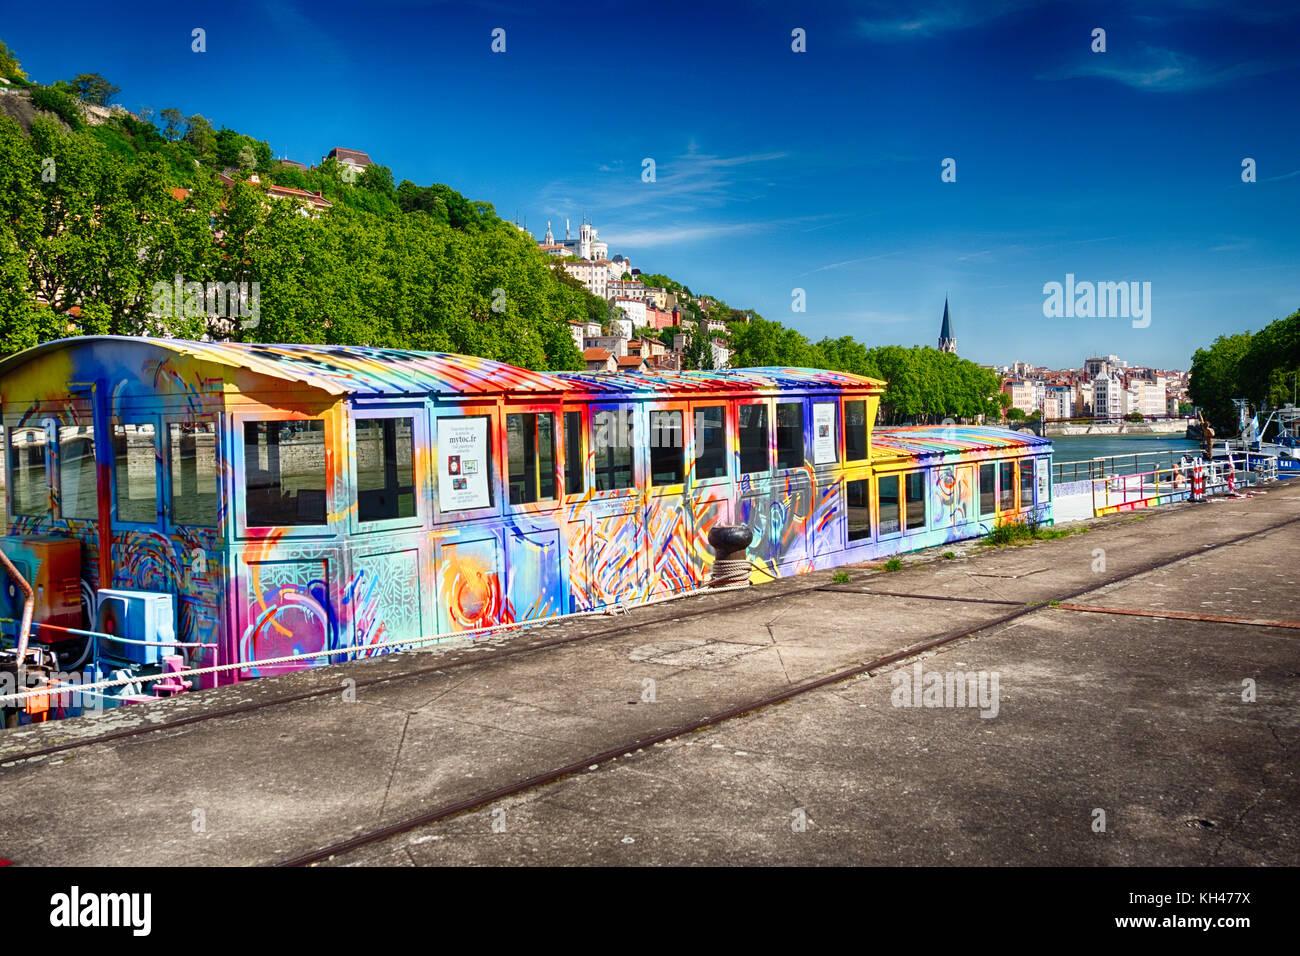 Barge, projet d'art coloré, amarré sur la Saône, Lyon France Banque D'Images